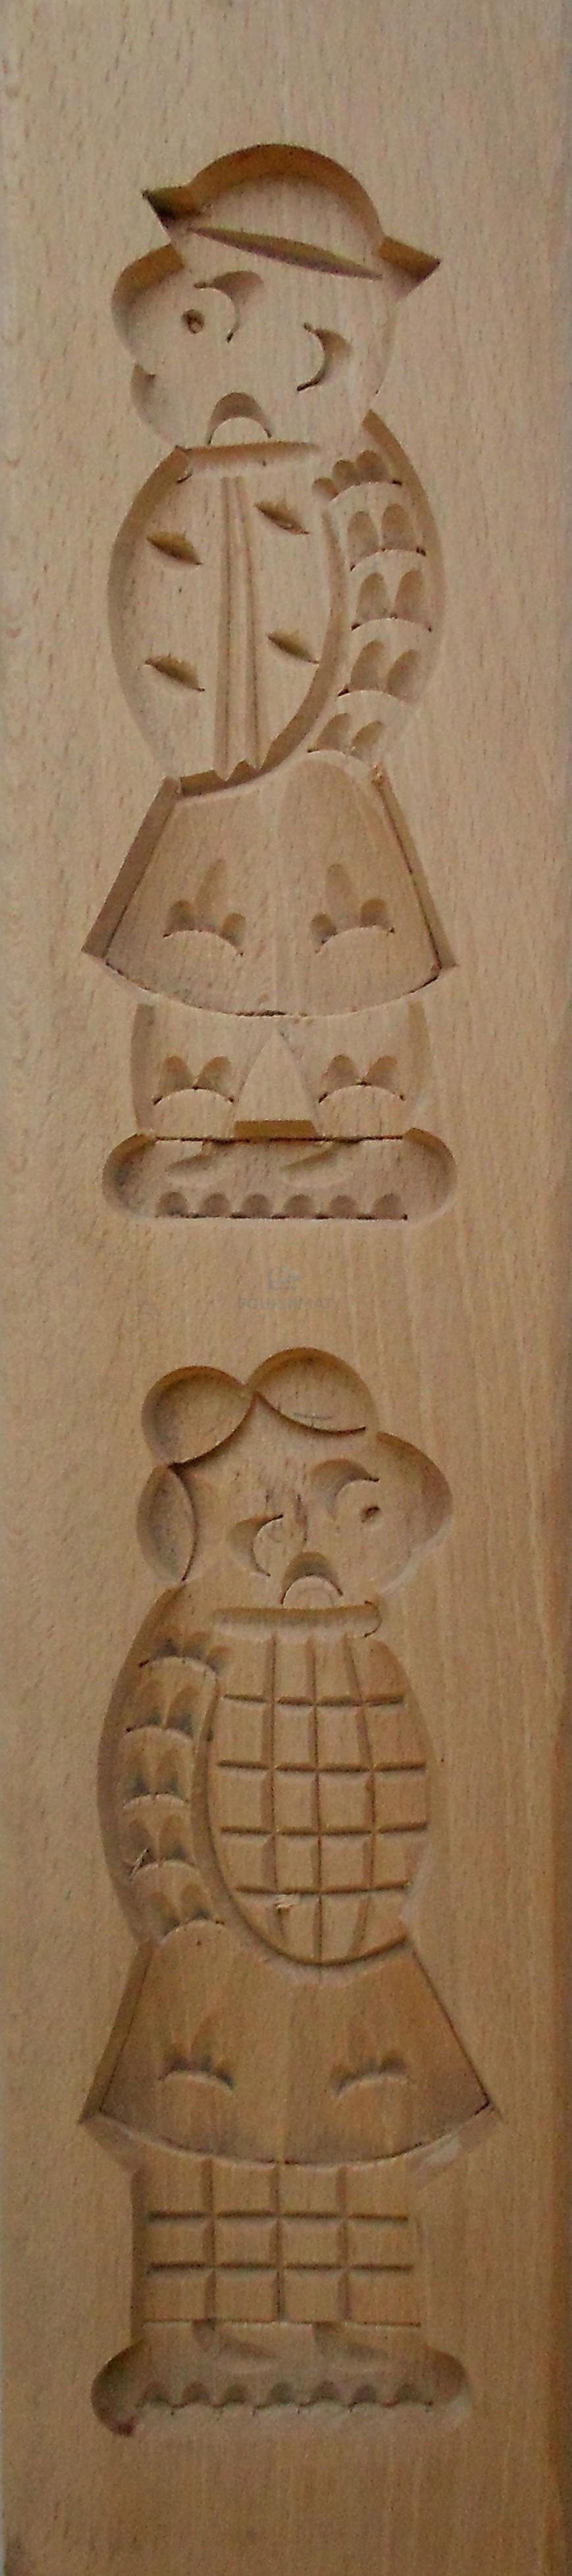 moule sp culoos 2 x personnages homme femme de 18cm en hauteur moules sp culoos fournimat. Black Bedroom Furniture Sets. Home Design Ideas